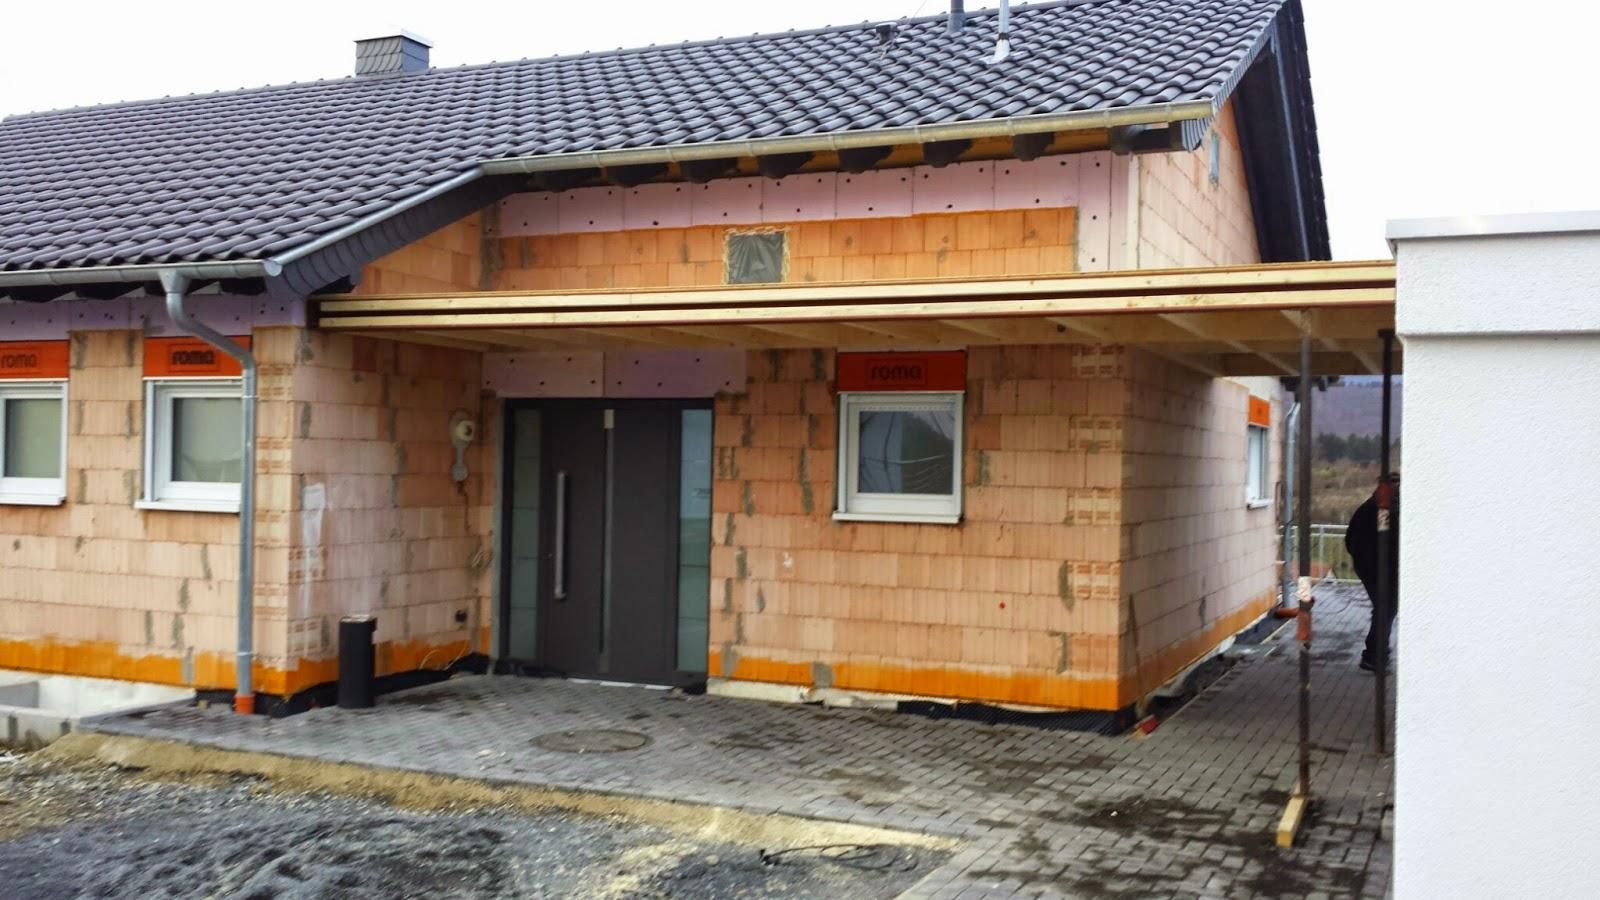 vordach beton unser architektenhaus in ak vordach 1 0. Black Bedroom Furniture Sets. Home Design Ideas